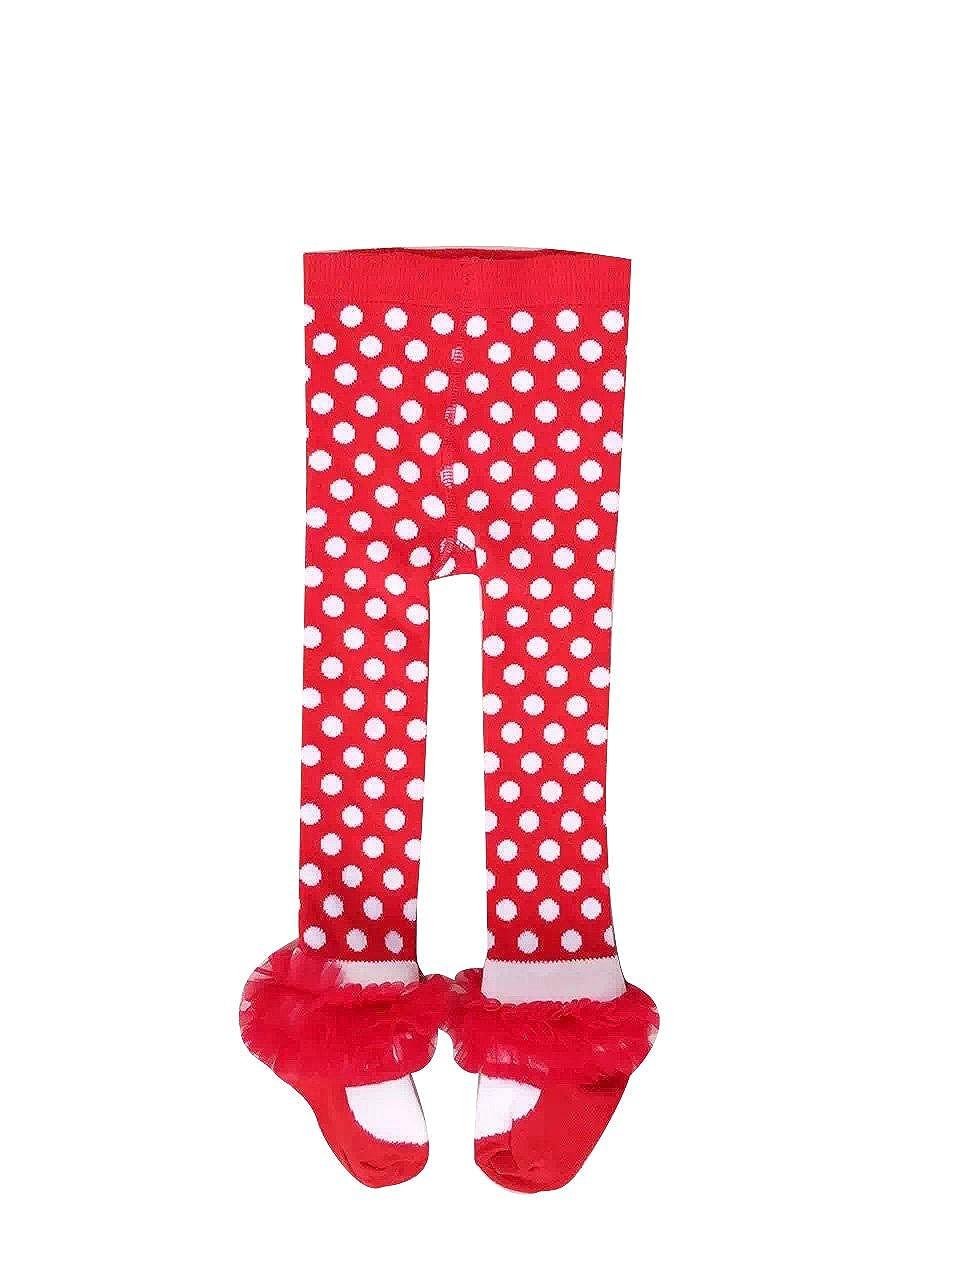 ACVIP Chaussettes Rouges à Pois Pantalons Leggings en Coton Pour Bébé Enfant Fille 1-7 Ans